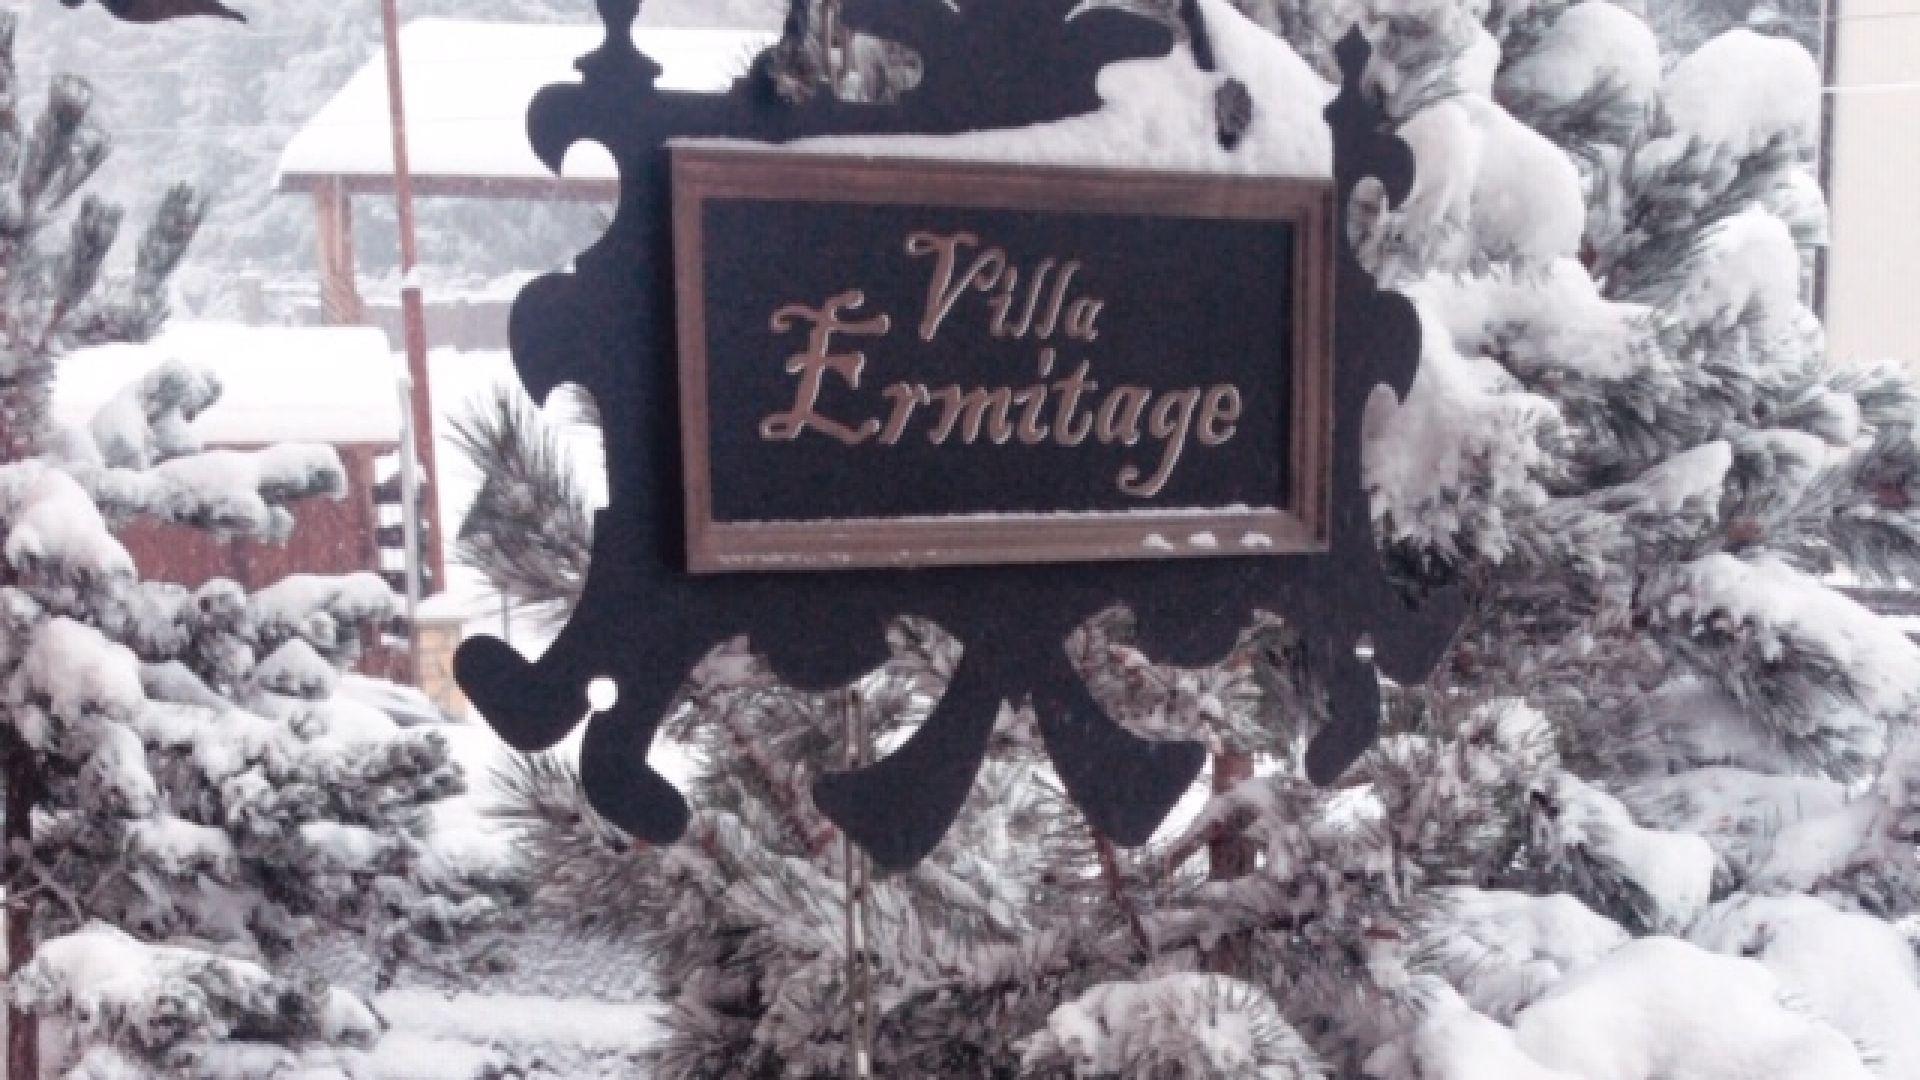 Villa Ermitage Gallery